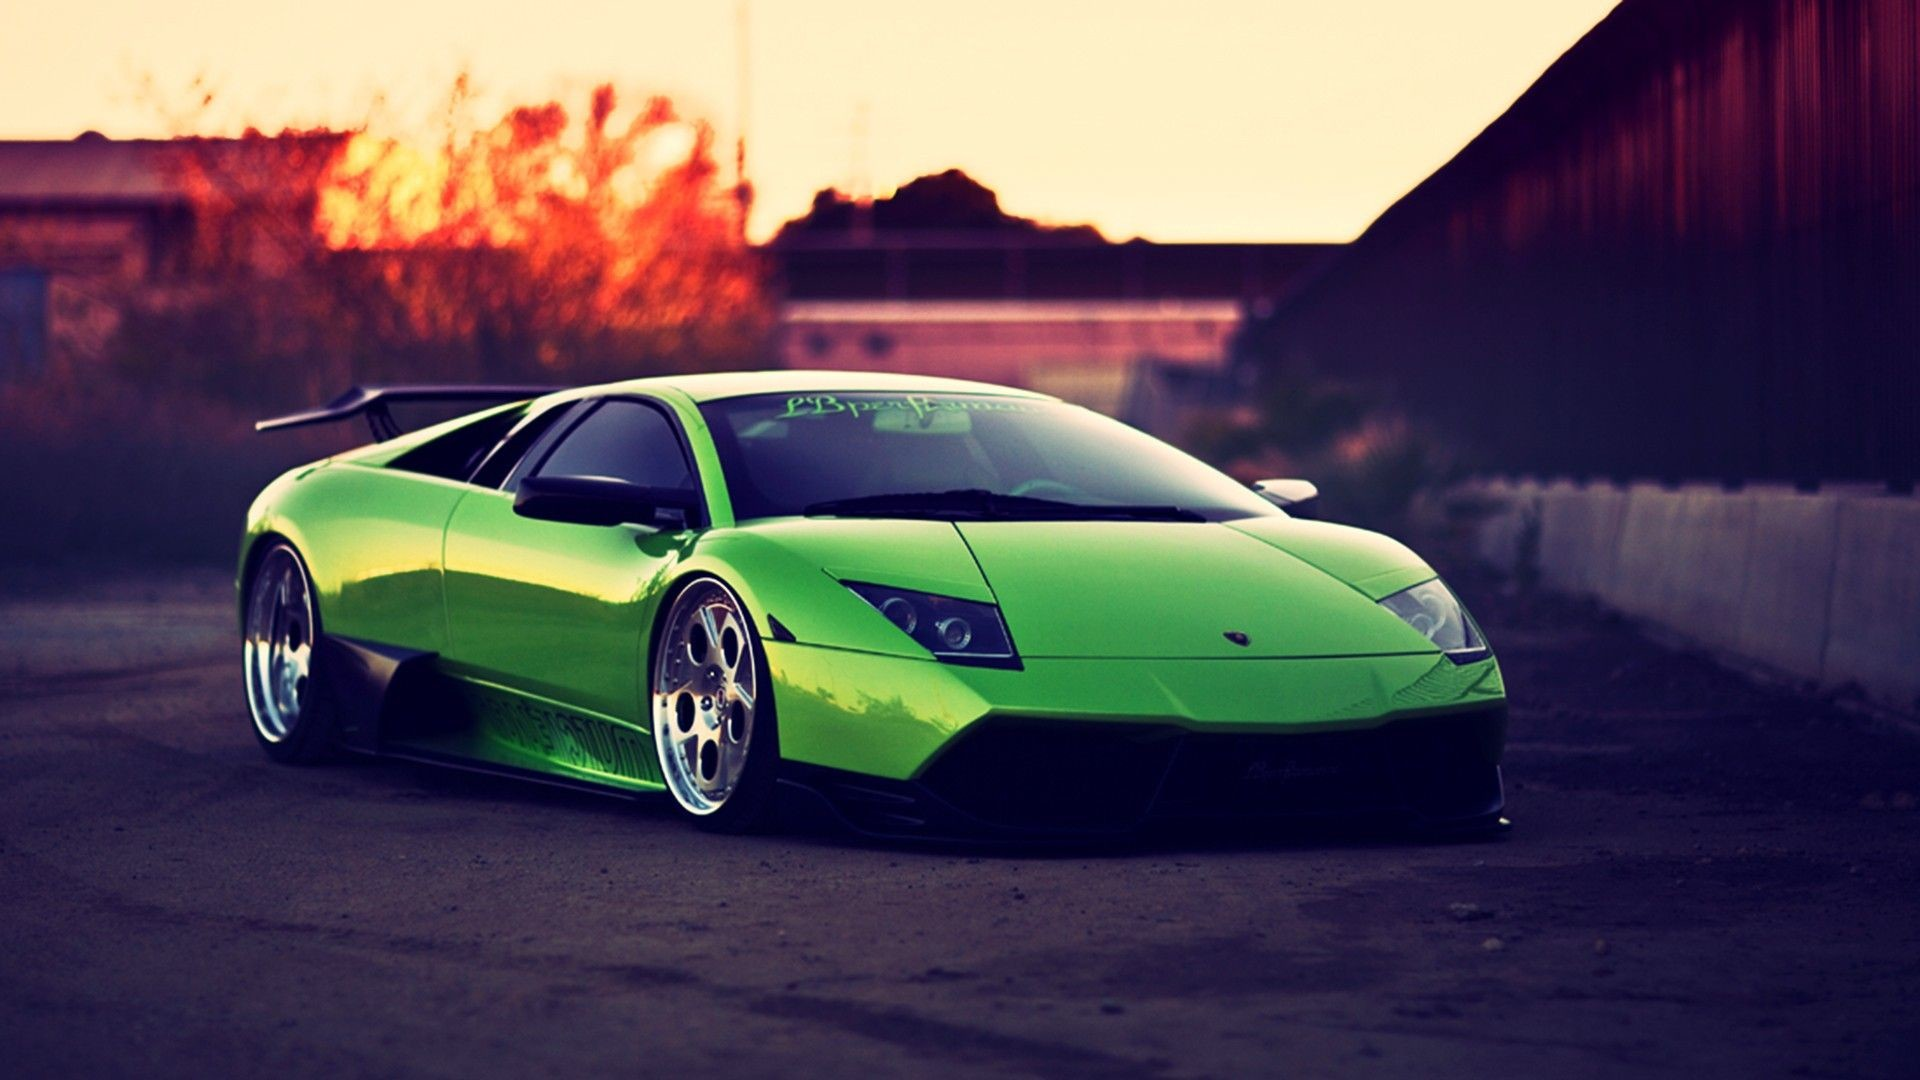 Res: 1920x1080, ... Lamborghini Wallpaper   cars   Pinterest   Lamborghini, ...